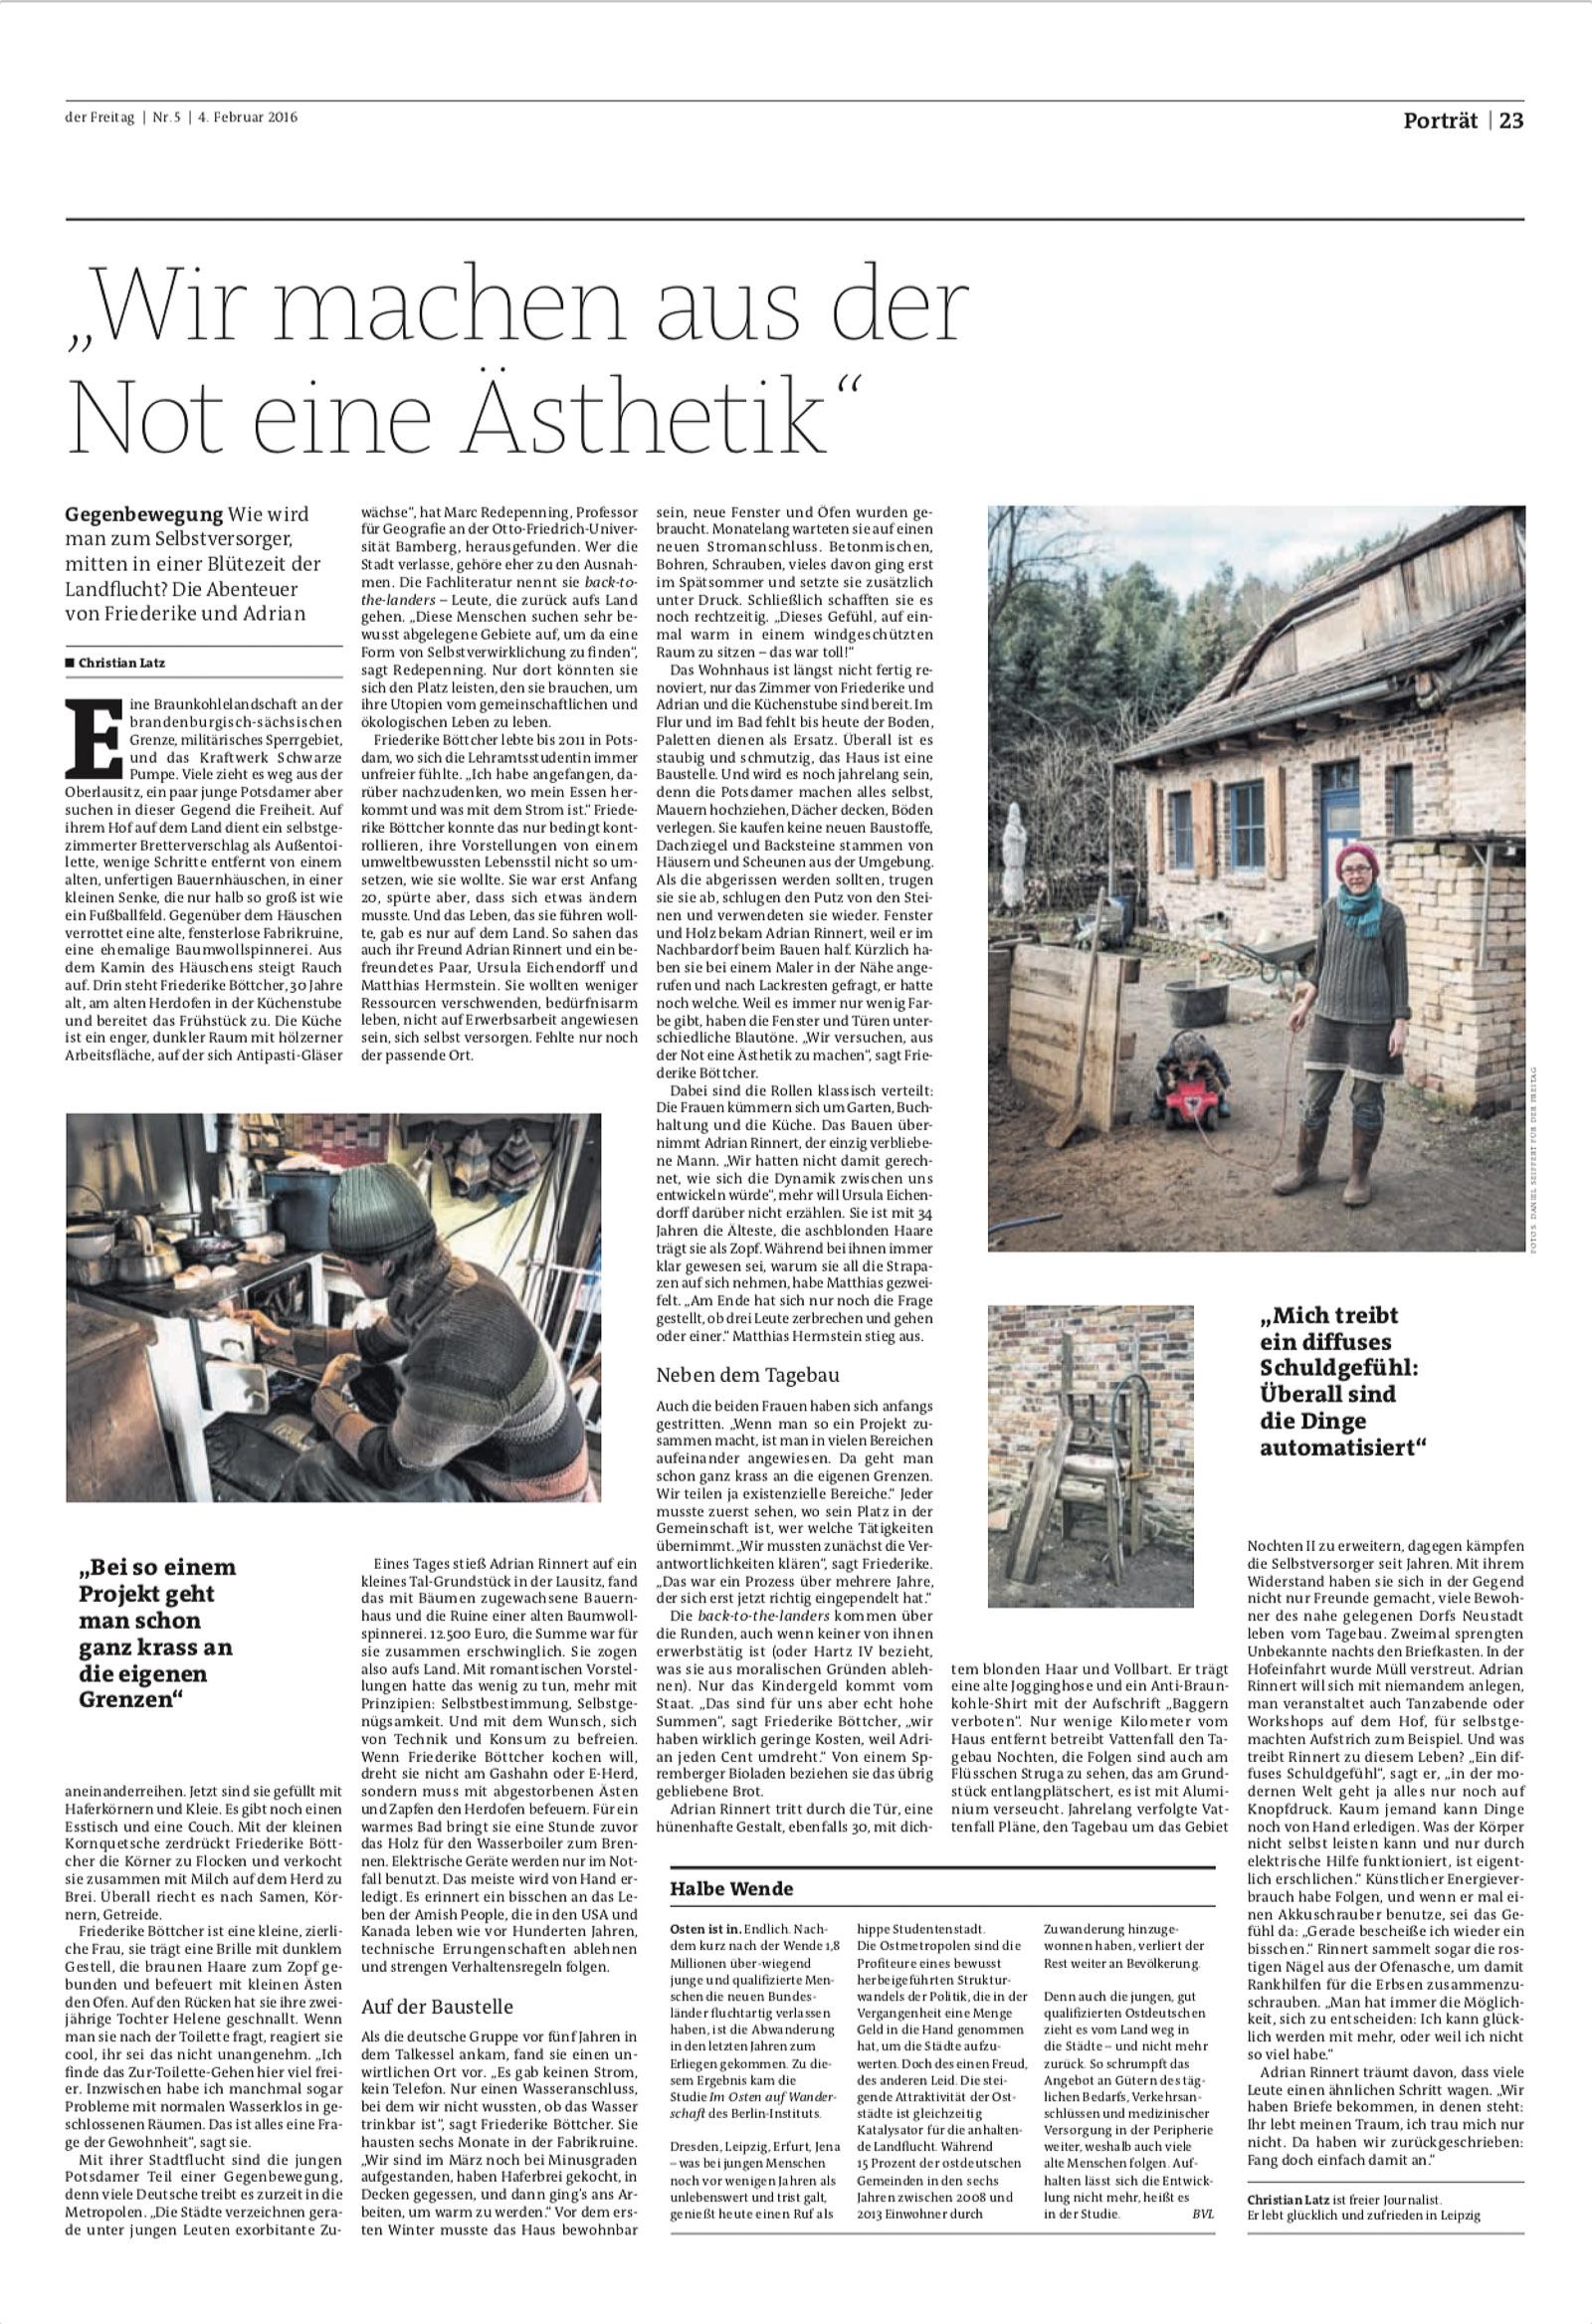 Teersheets-(c)_DanielSeiffert-24.jpg